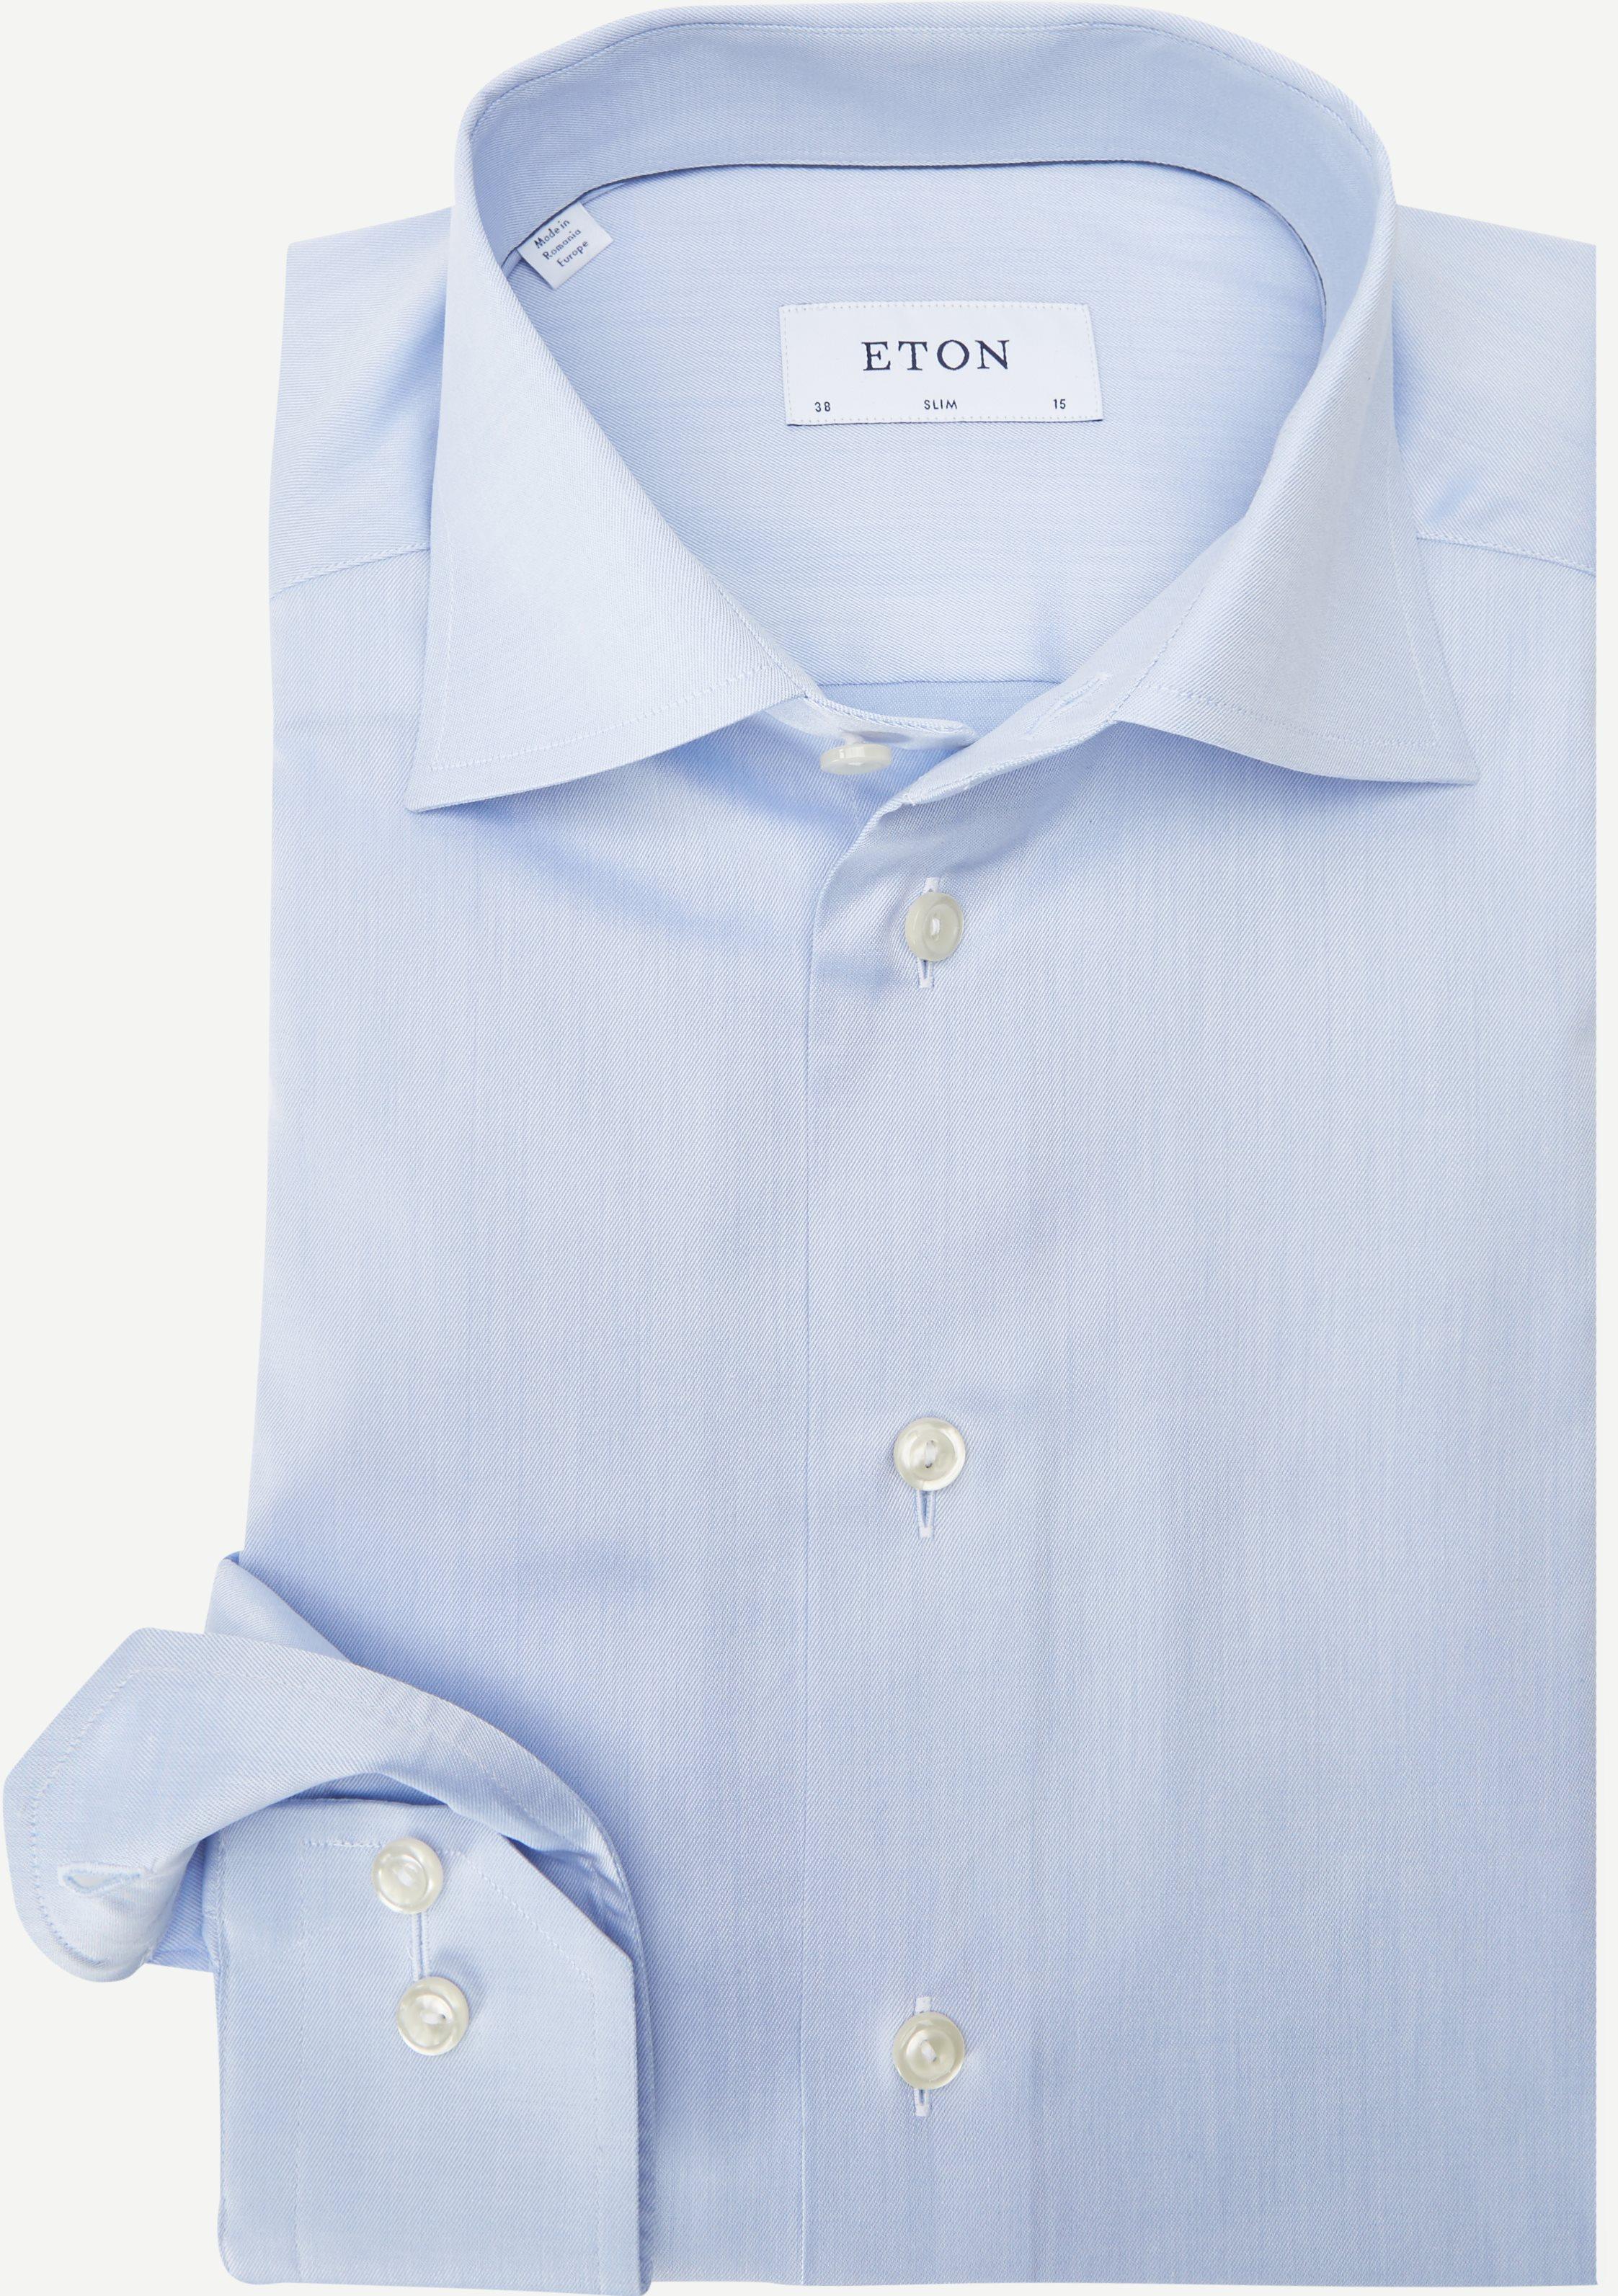 3000 Signature Twill Dress Skjorte - Skjorter - Slim fit - Blå